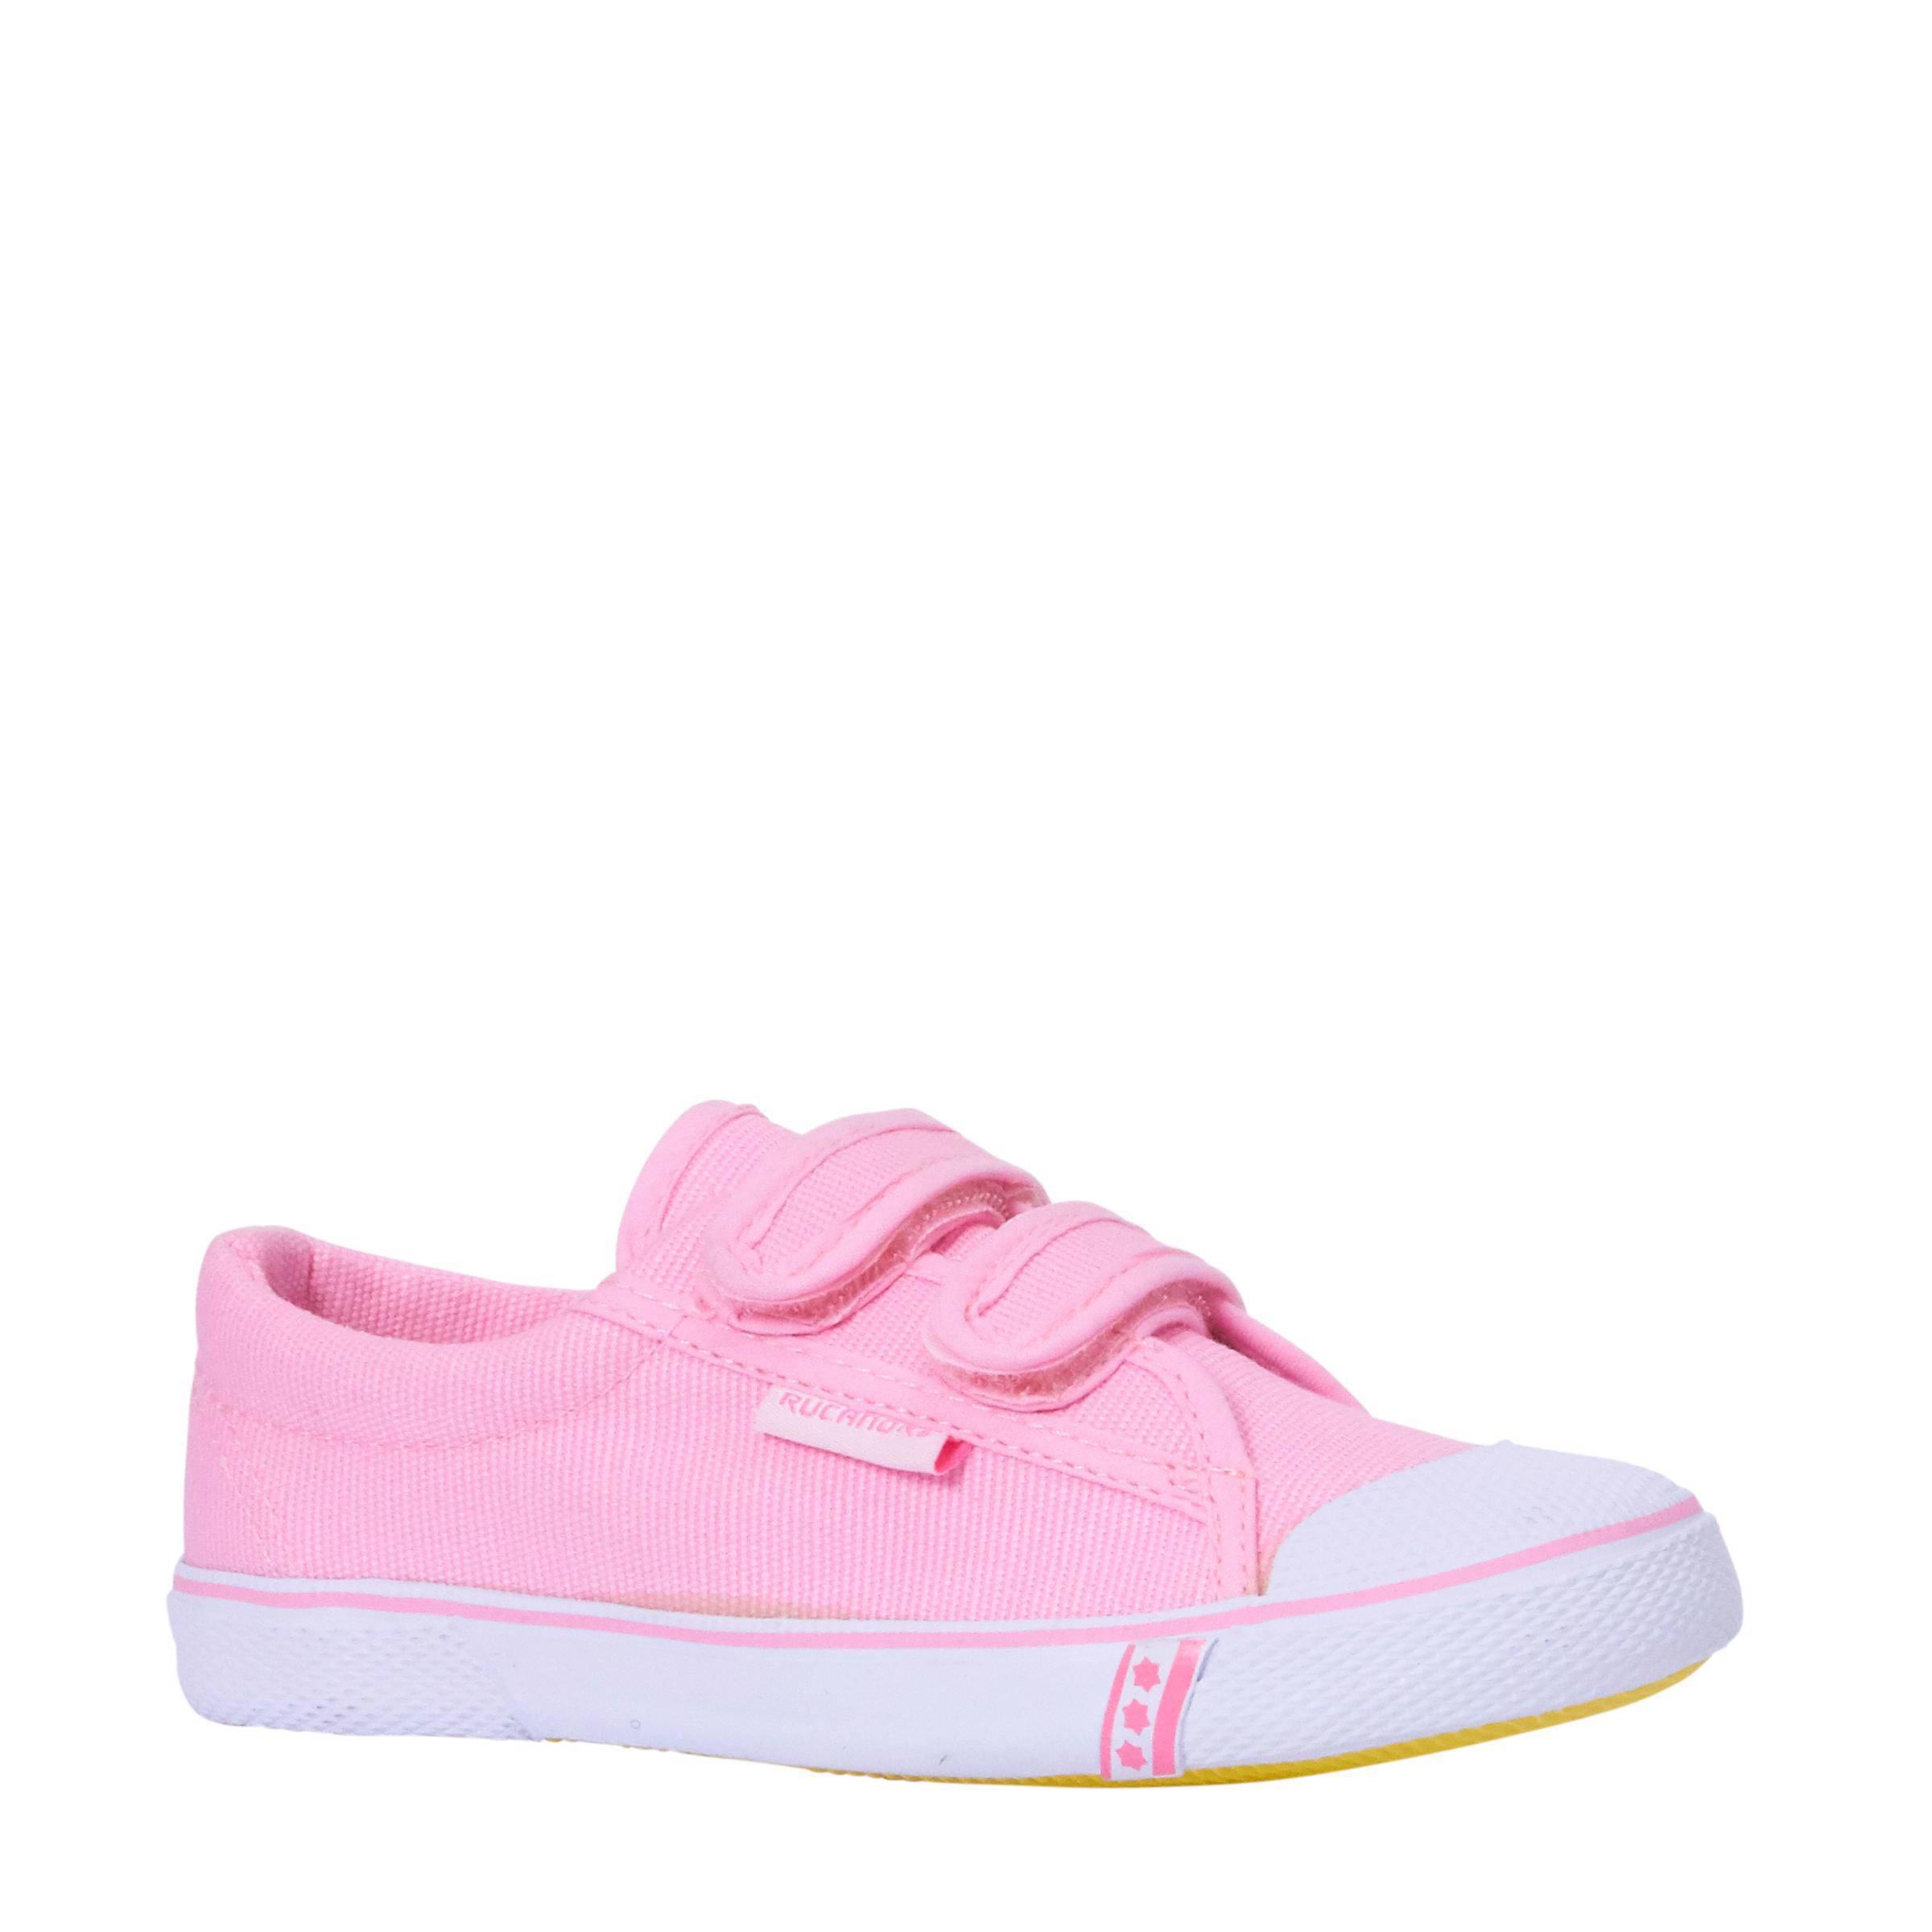 00dc37487b7 Rucanor meisjes Frankfurt gymschoenen roze   wehkamp